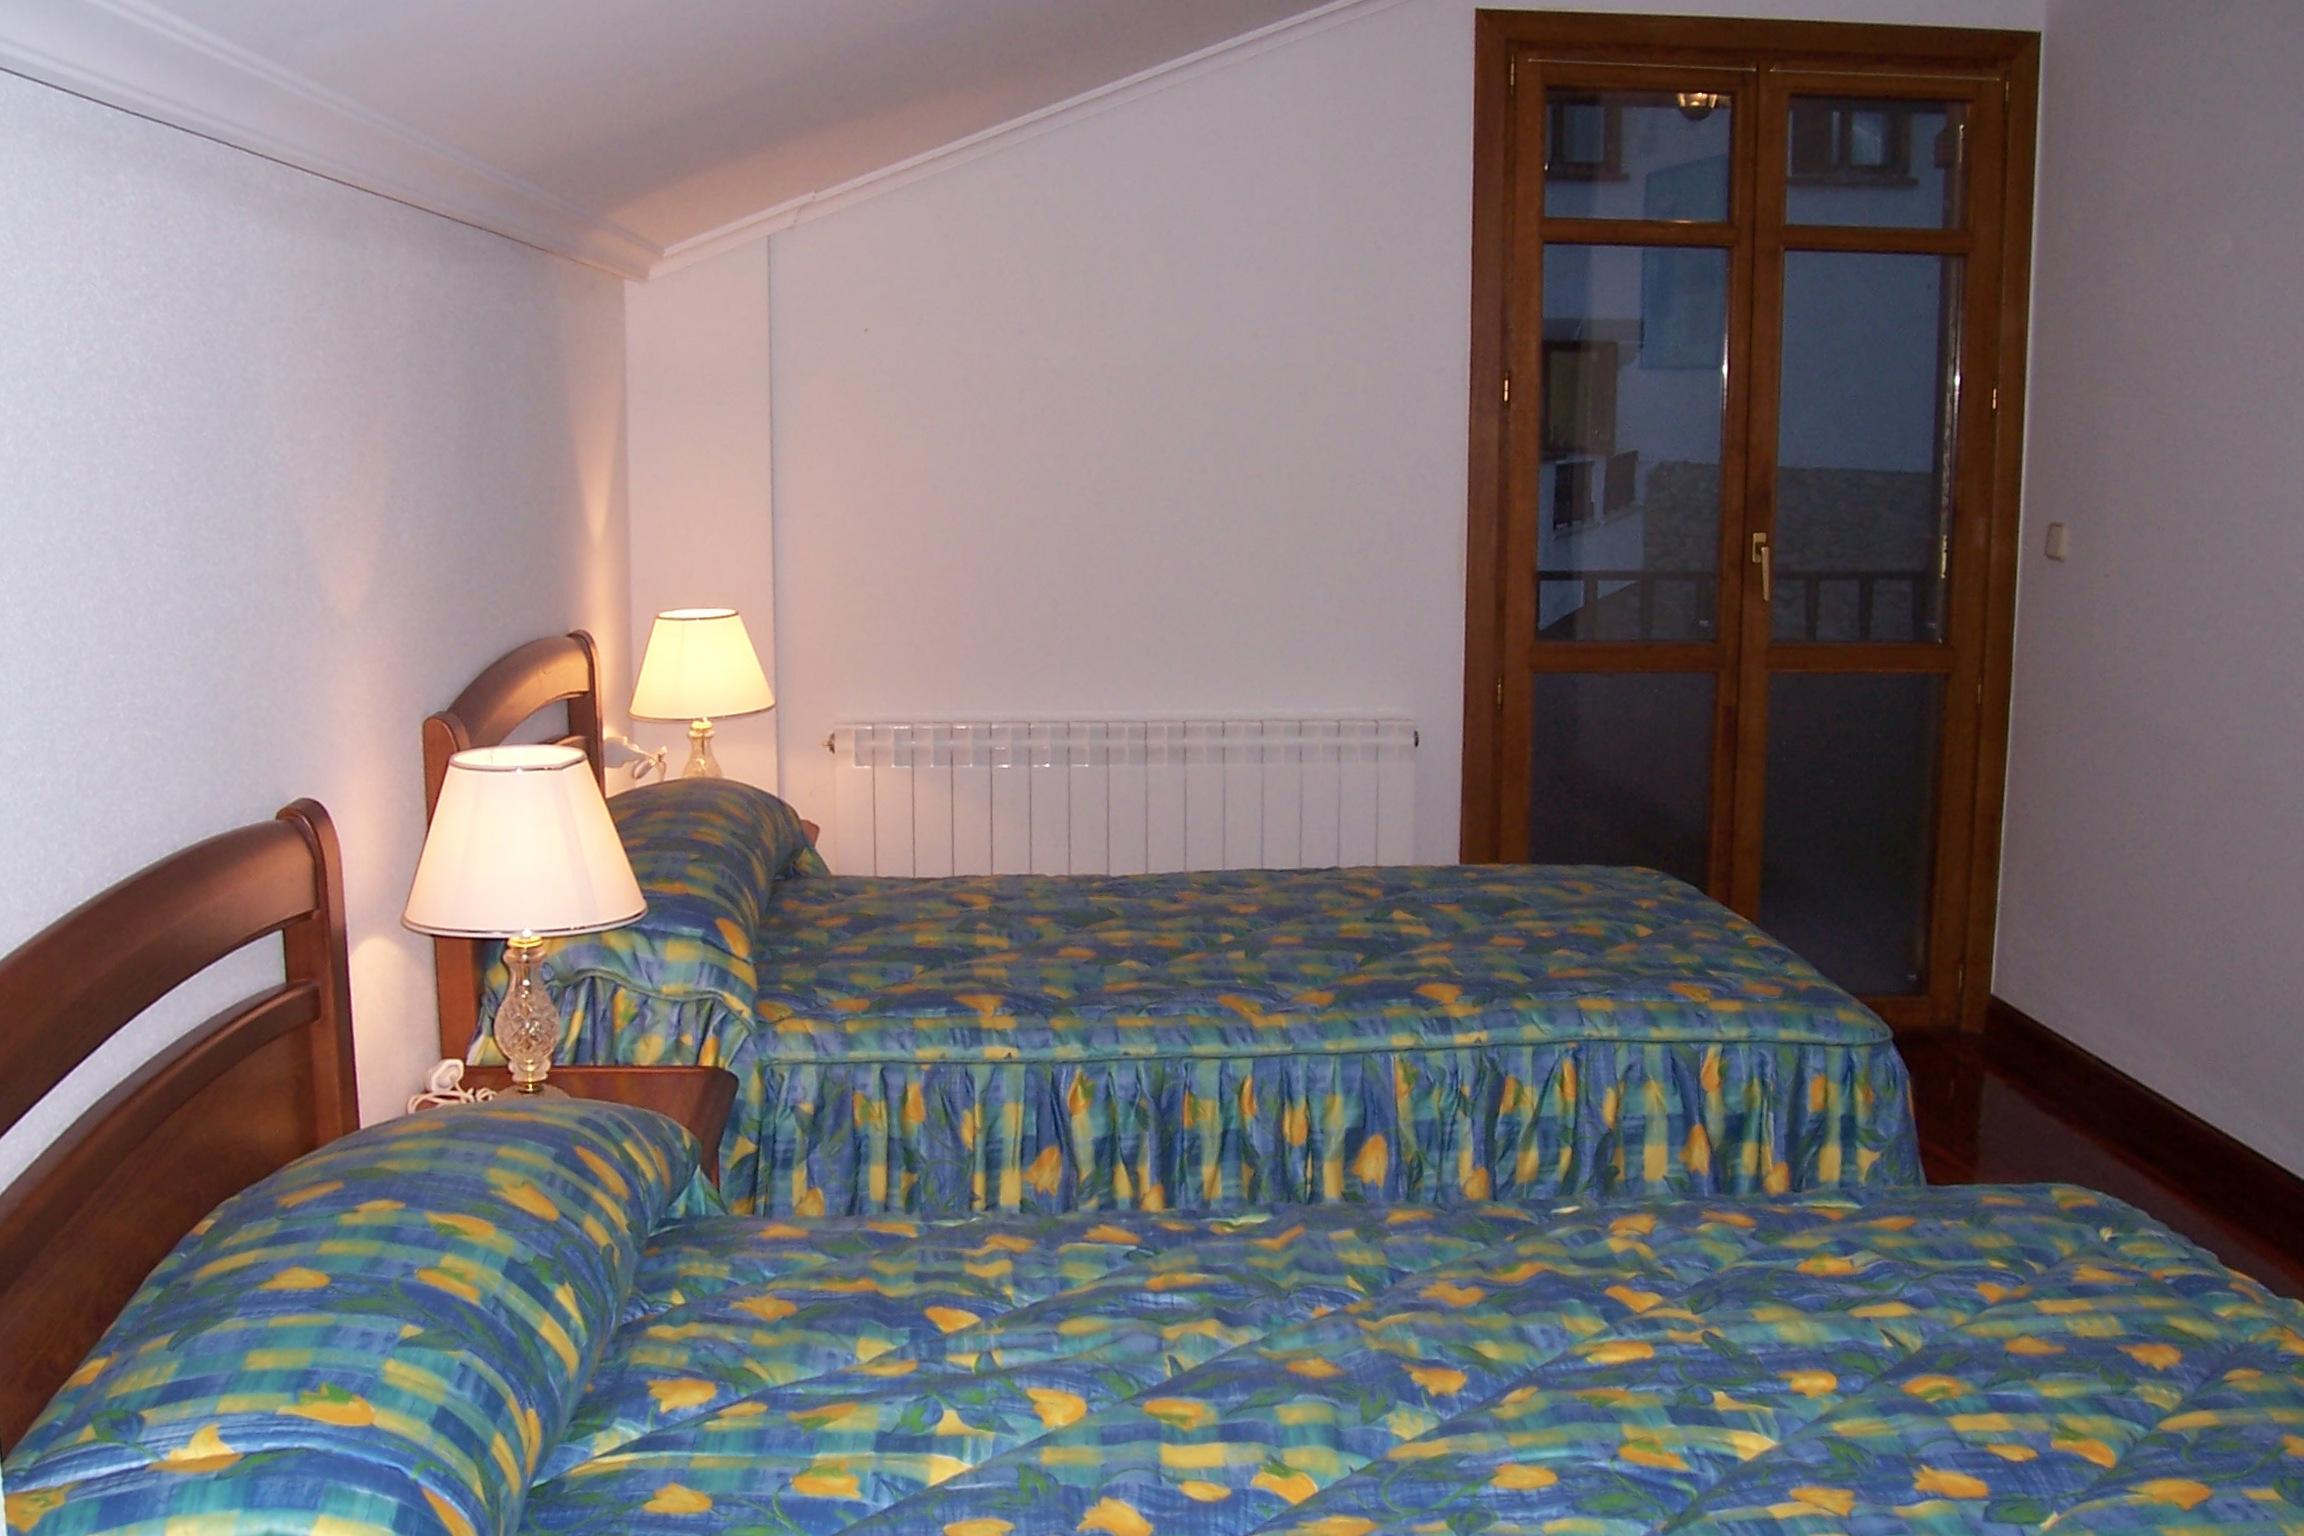 La casa casa rural angoiko etxea - Habitacion con dos camas ...